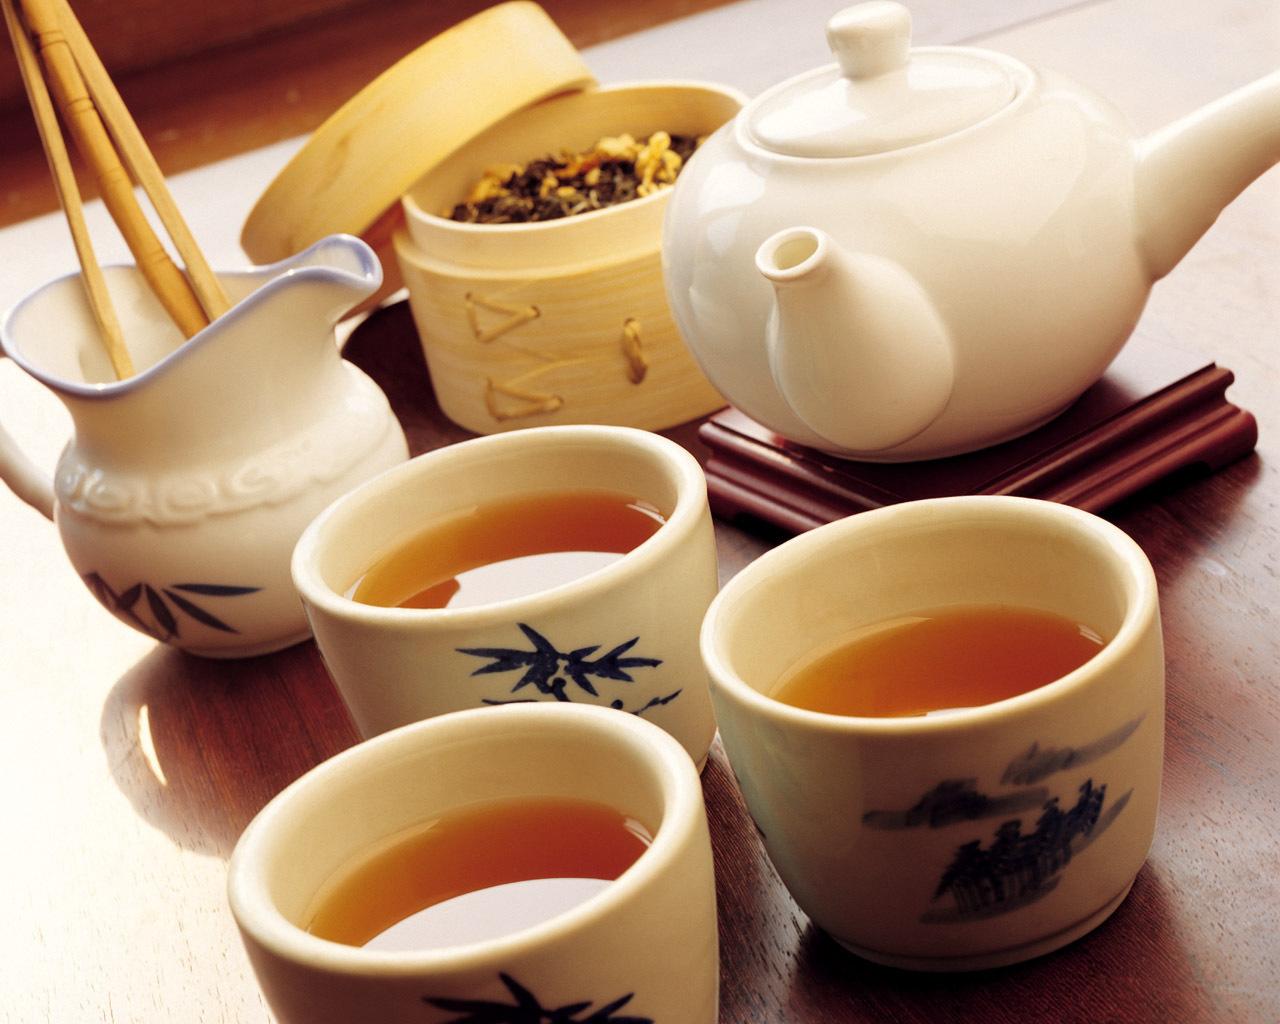 frumusețea delicată de ceai